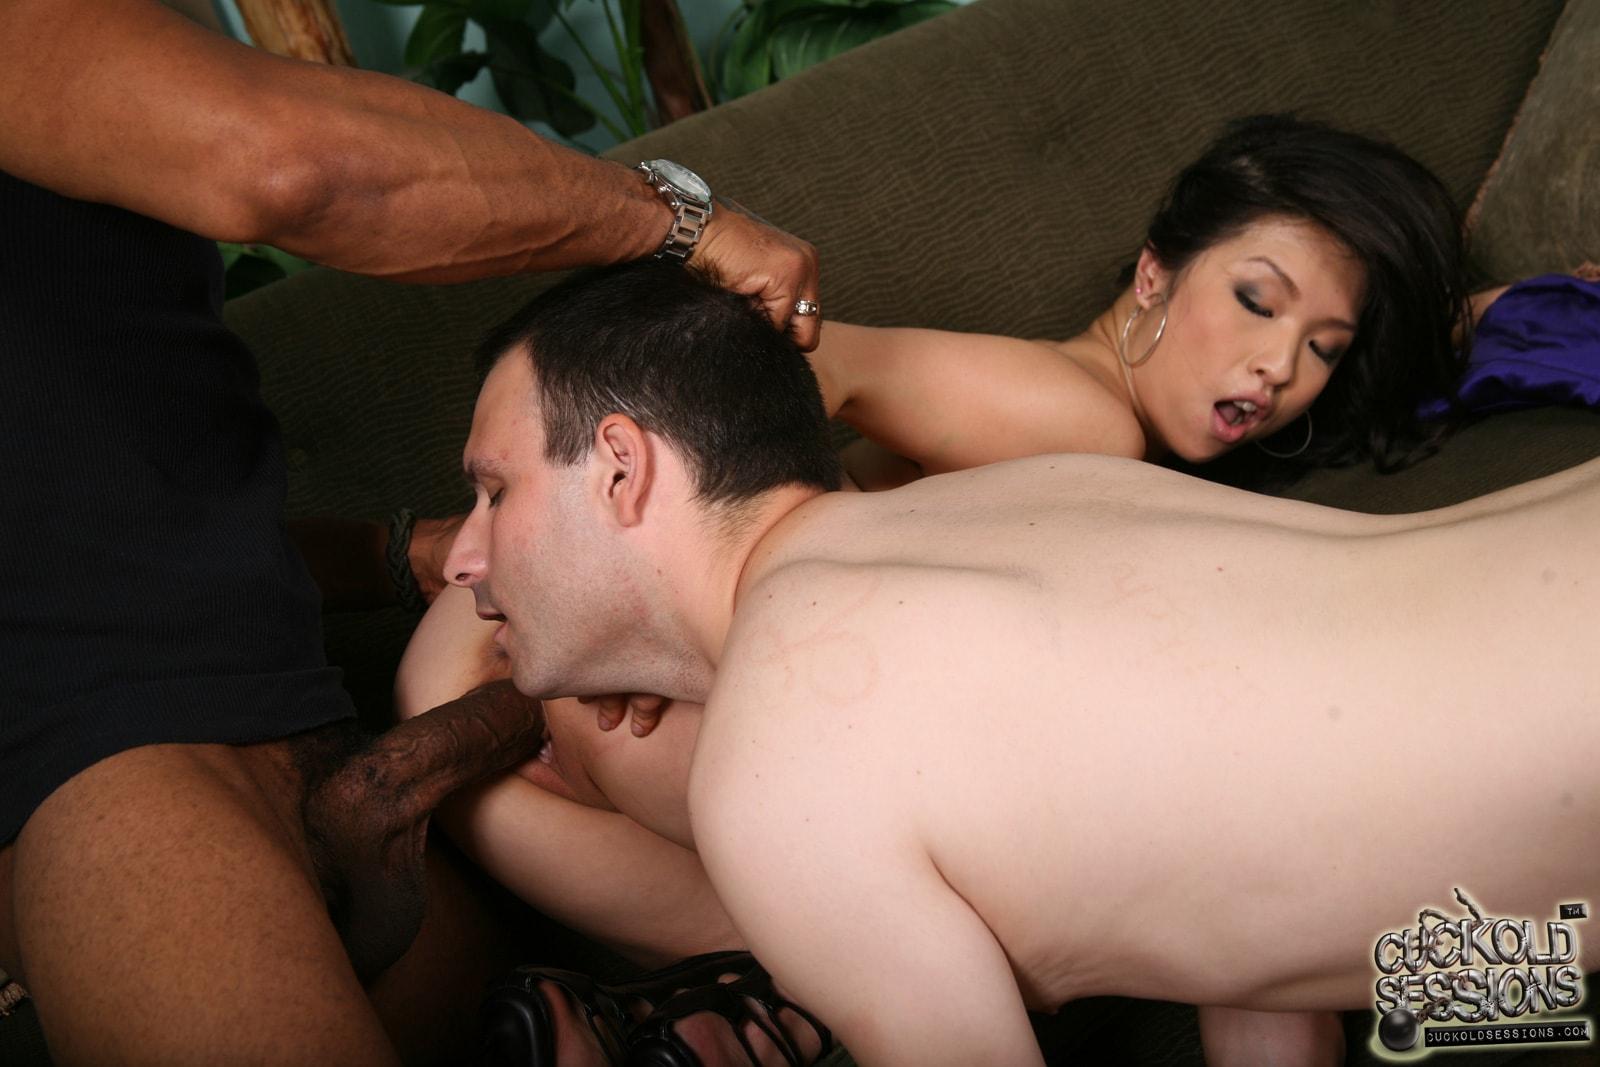 Шейн дизель рогоносцы порно, Шейн Дизель Рогоносец - Bub Porn -порно видео 6 фотография